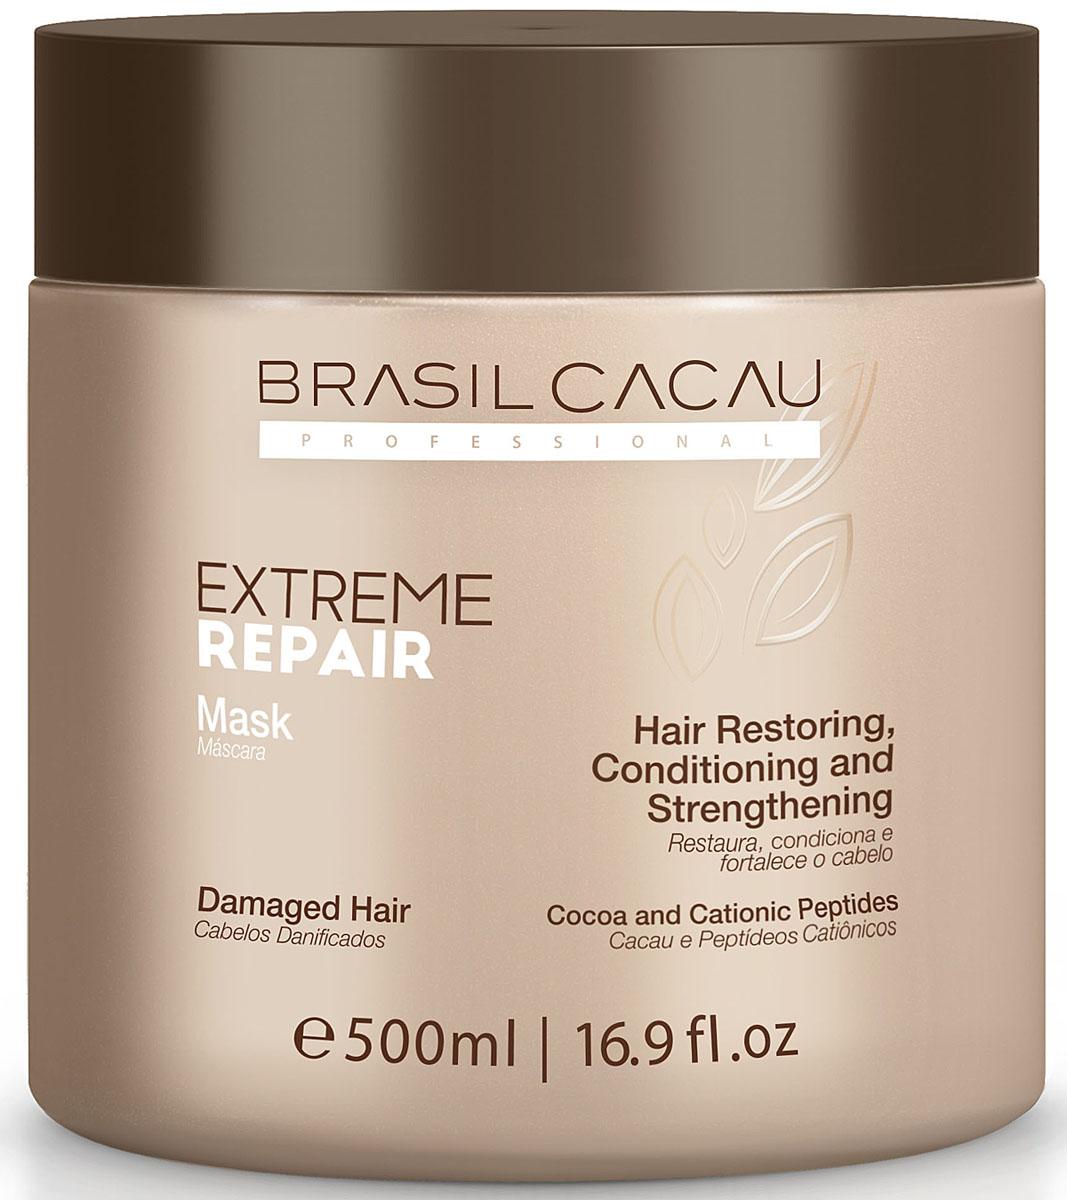 Brasil Cacau Маска Extreme Repair 500 млPA0082Интенсивно восстанавливает структуру волоса, питает и запечатывает кутикулу, снижая пористость. Работает в кутикуле и кортексе волоса, возмещает ущерб , причиненный в результате механических, химических и тепловых процессов. Катионные пептиды образуют защитный слой вокруг волокна ,увеличивая прочность, гибкость, увлажнение и блеск волос.